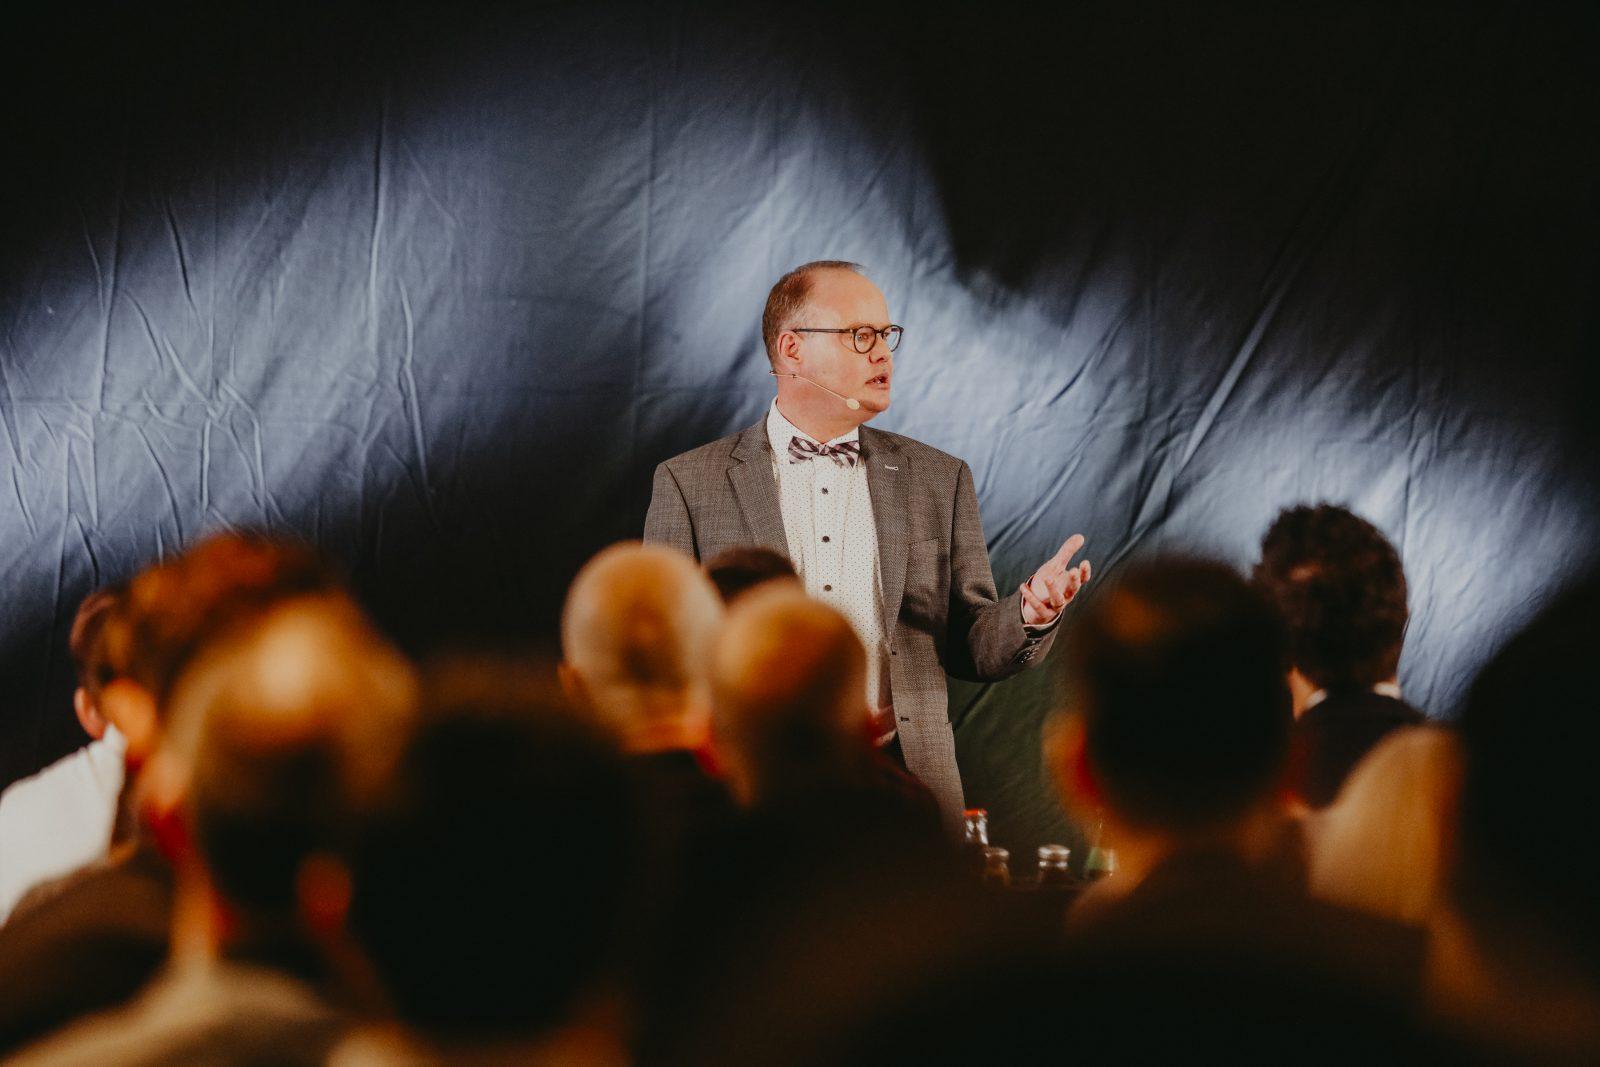 Trauercoach Thomas Sommerer spricht vor Publikum über das Abschied nehmen und die Verarbeitung der Trauer.